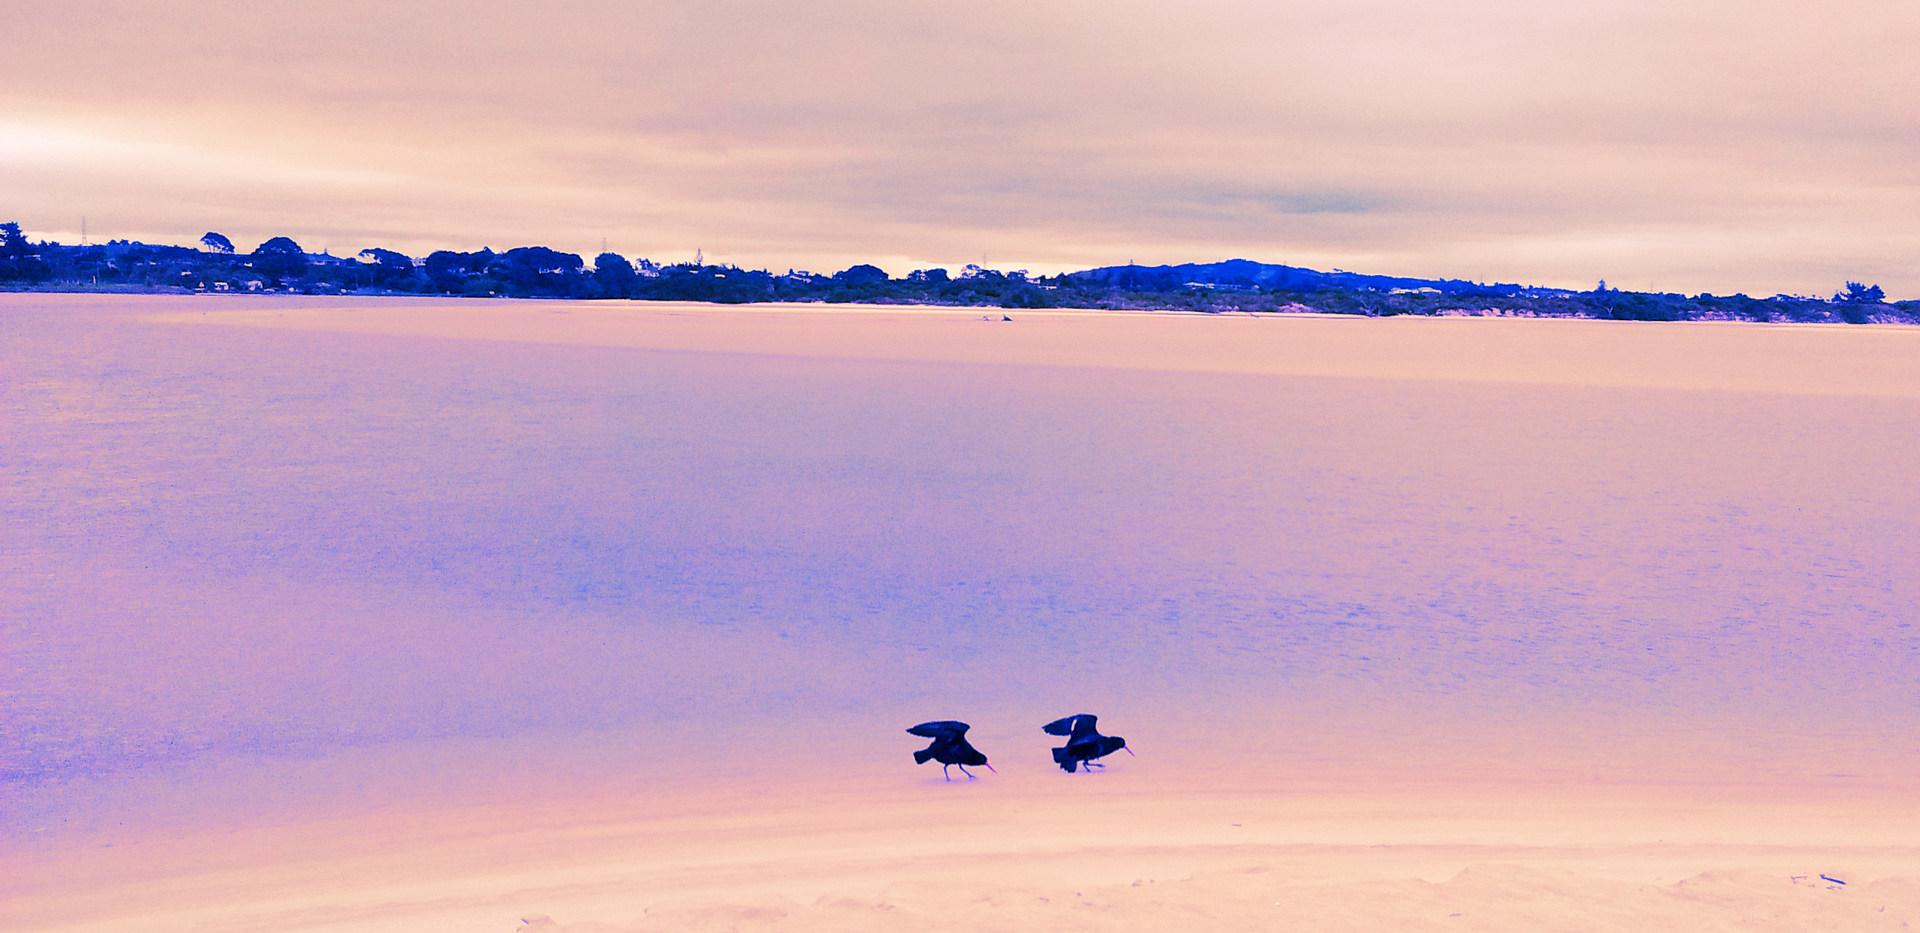 6 - Birds (Nouvelle-Zélande)